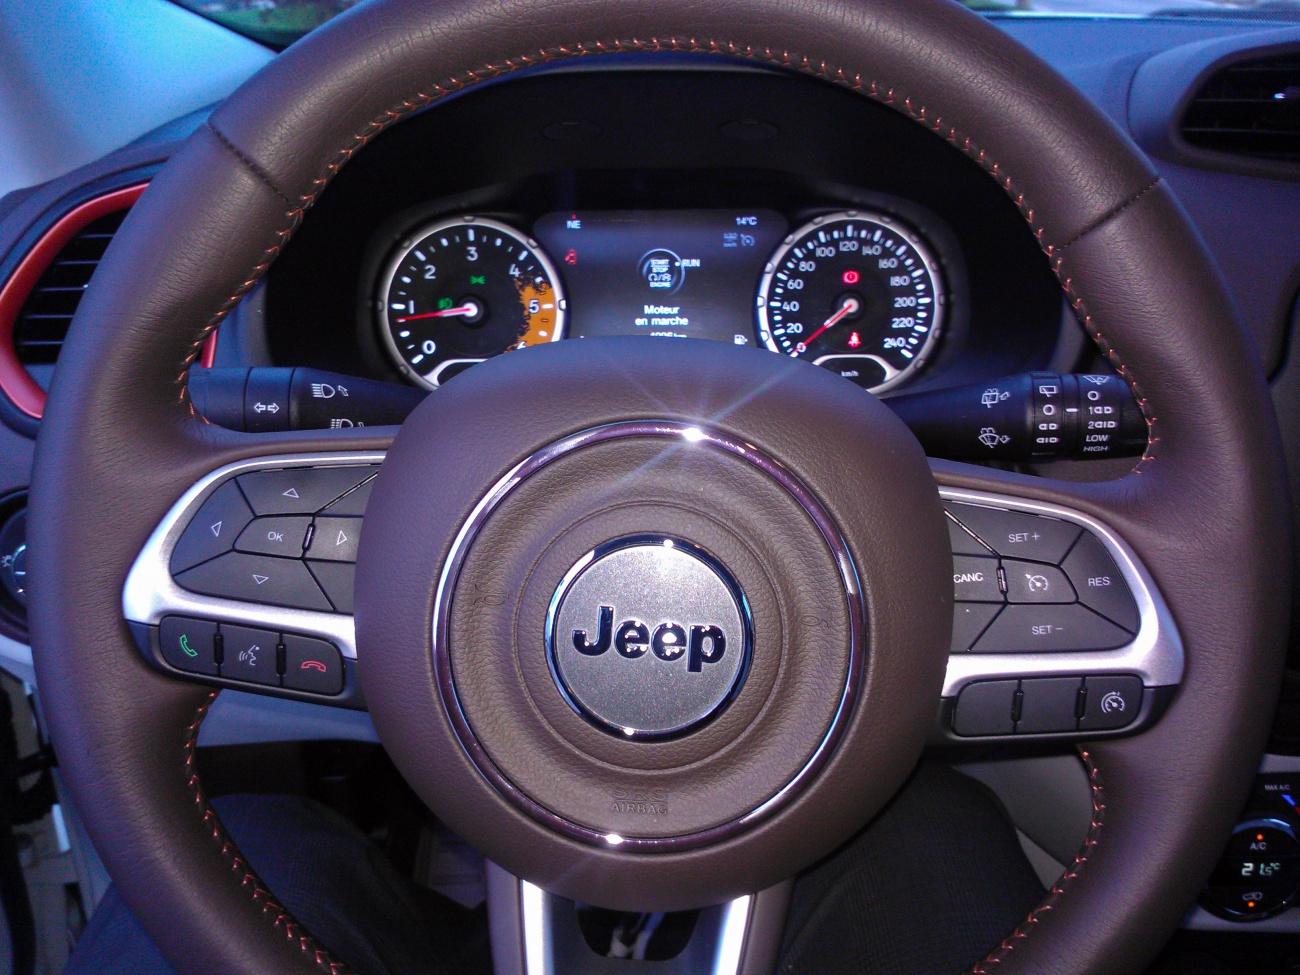 essai jeep renegade piccolo rinnegato or true rebel blog automobile. Black Bedroom Furniture Sets. Home Design Ideas